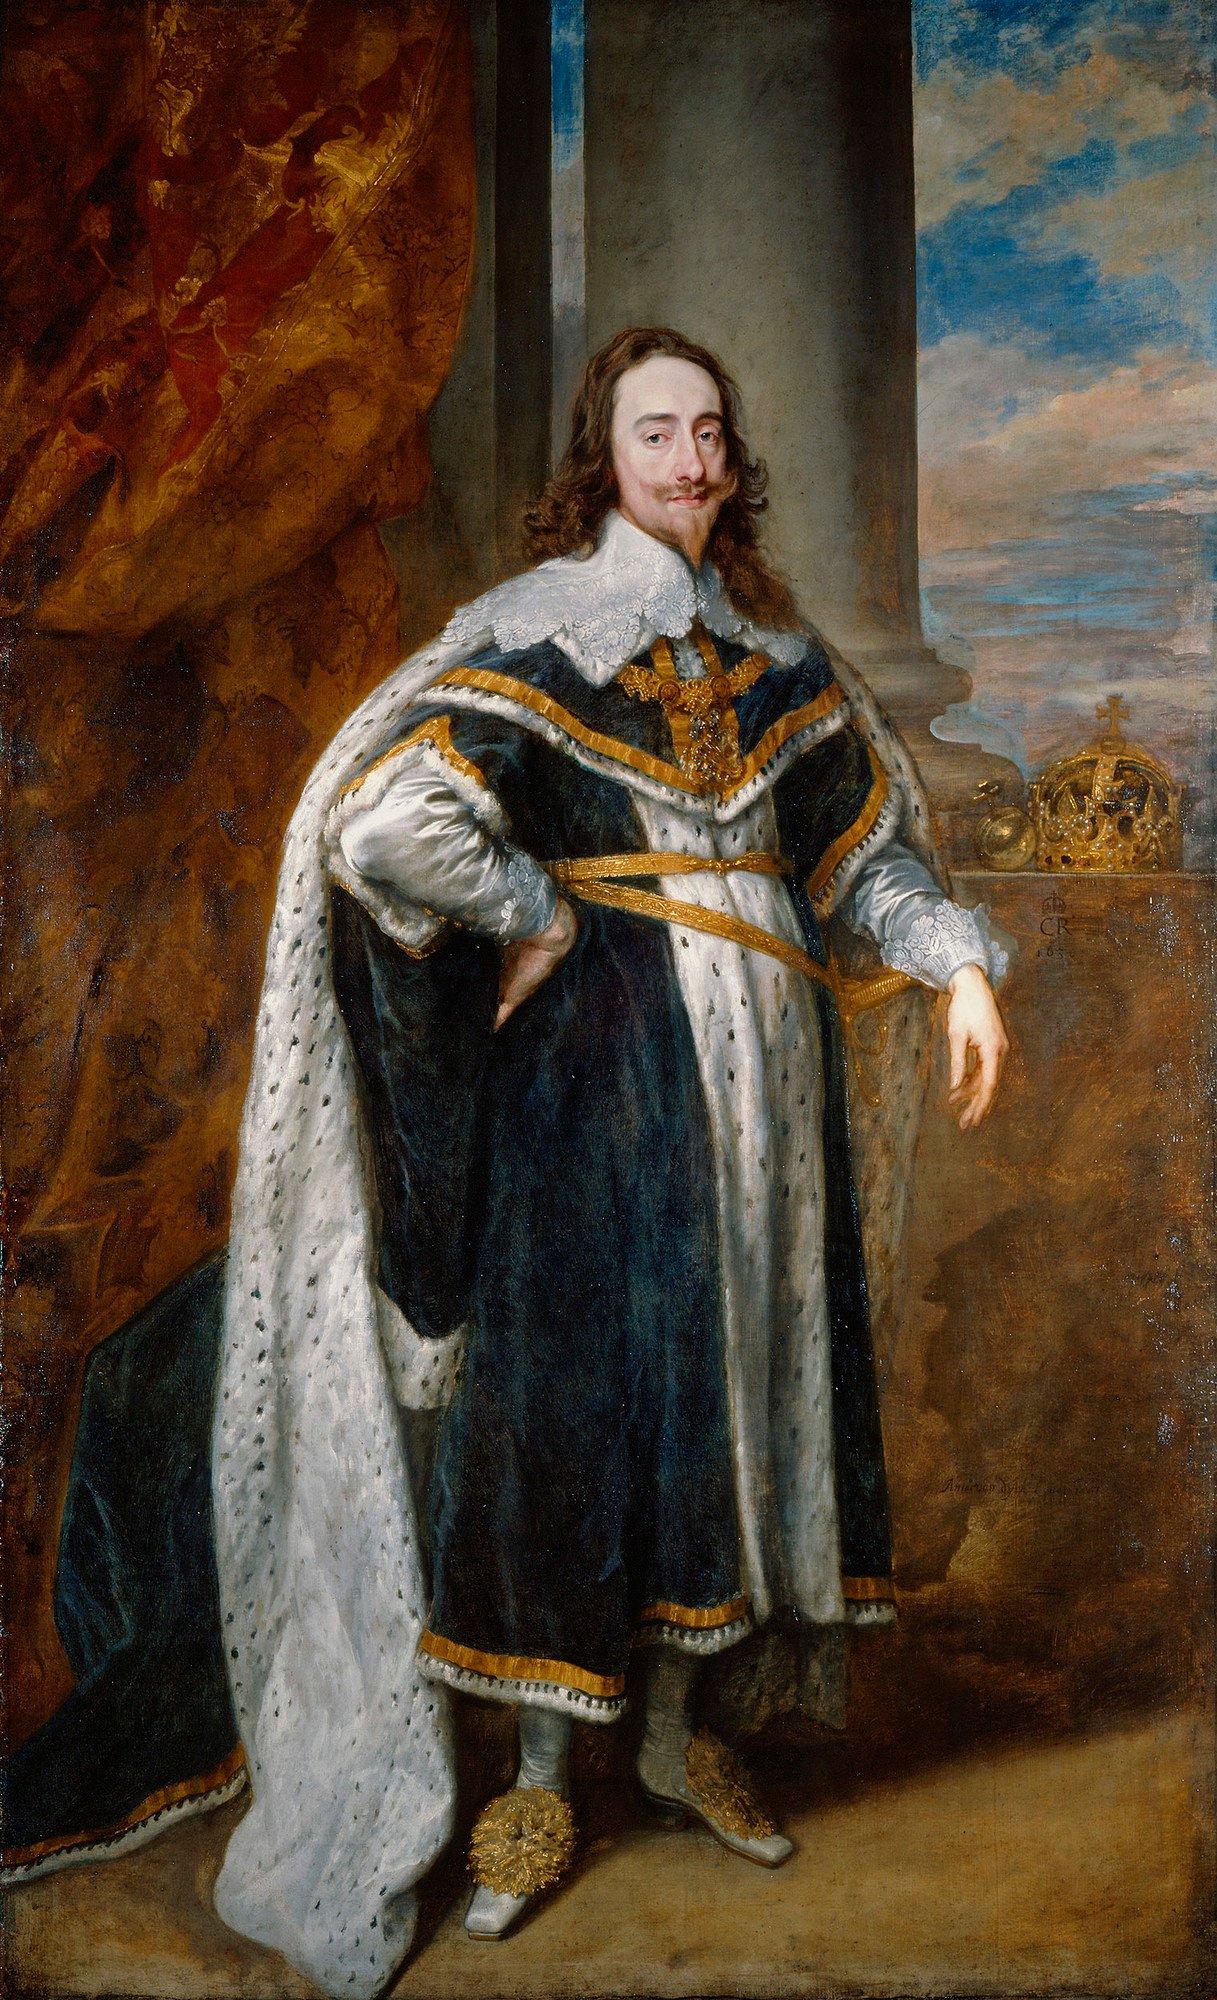 Anthony van Dyck (1599-1641) - Charles I (1600-1649)